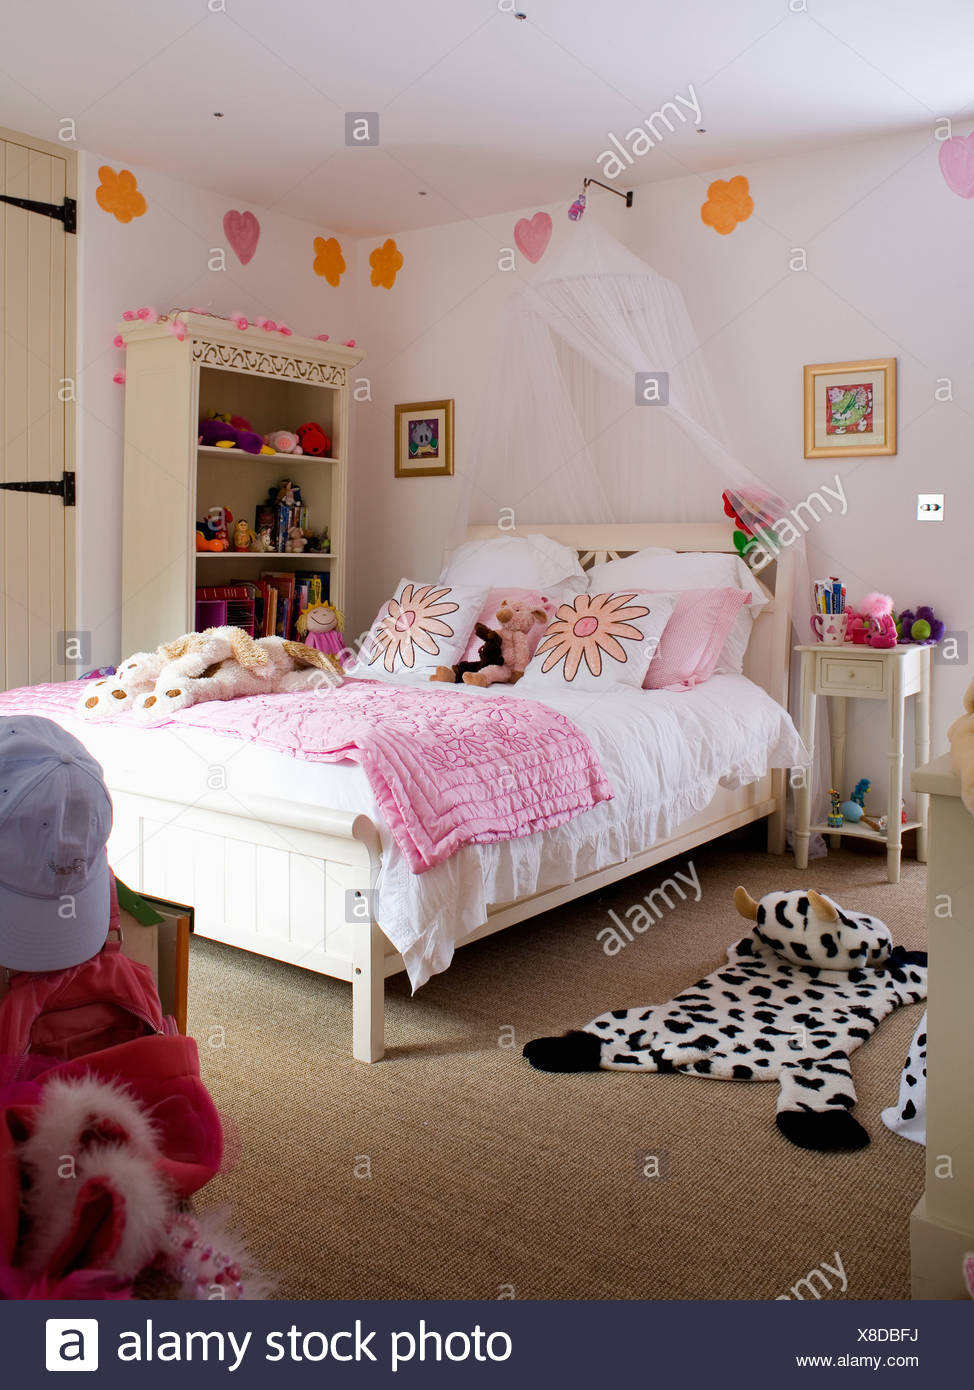 https www alamyimages fr rideaux voile blanc au dessus de lit avec couette rose dans la chambre de jeune fille avec des tapis leopardskin sur tapis beige image280577574 html